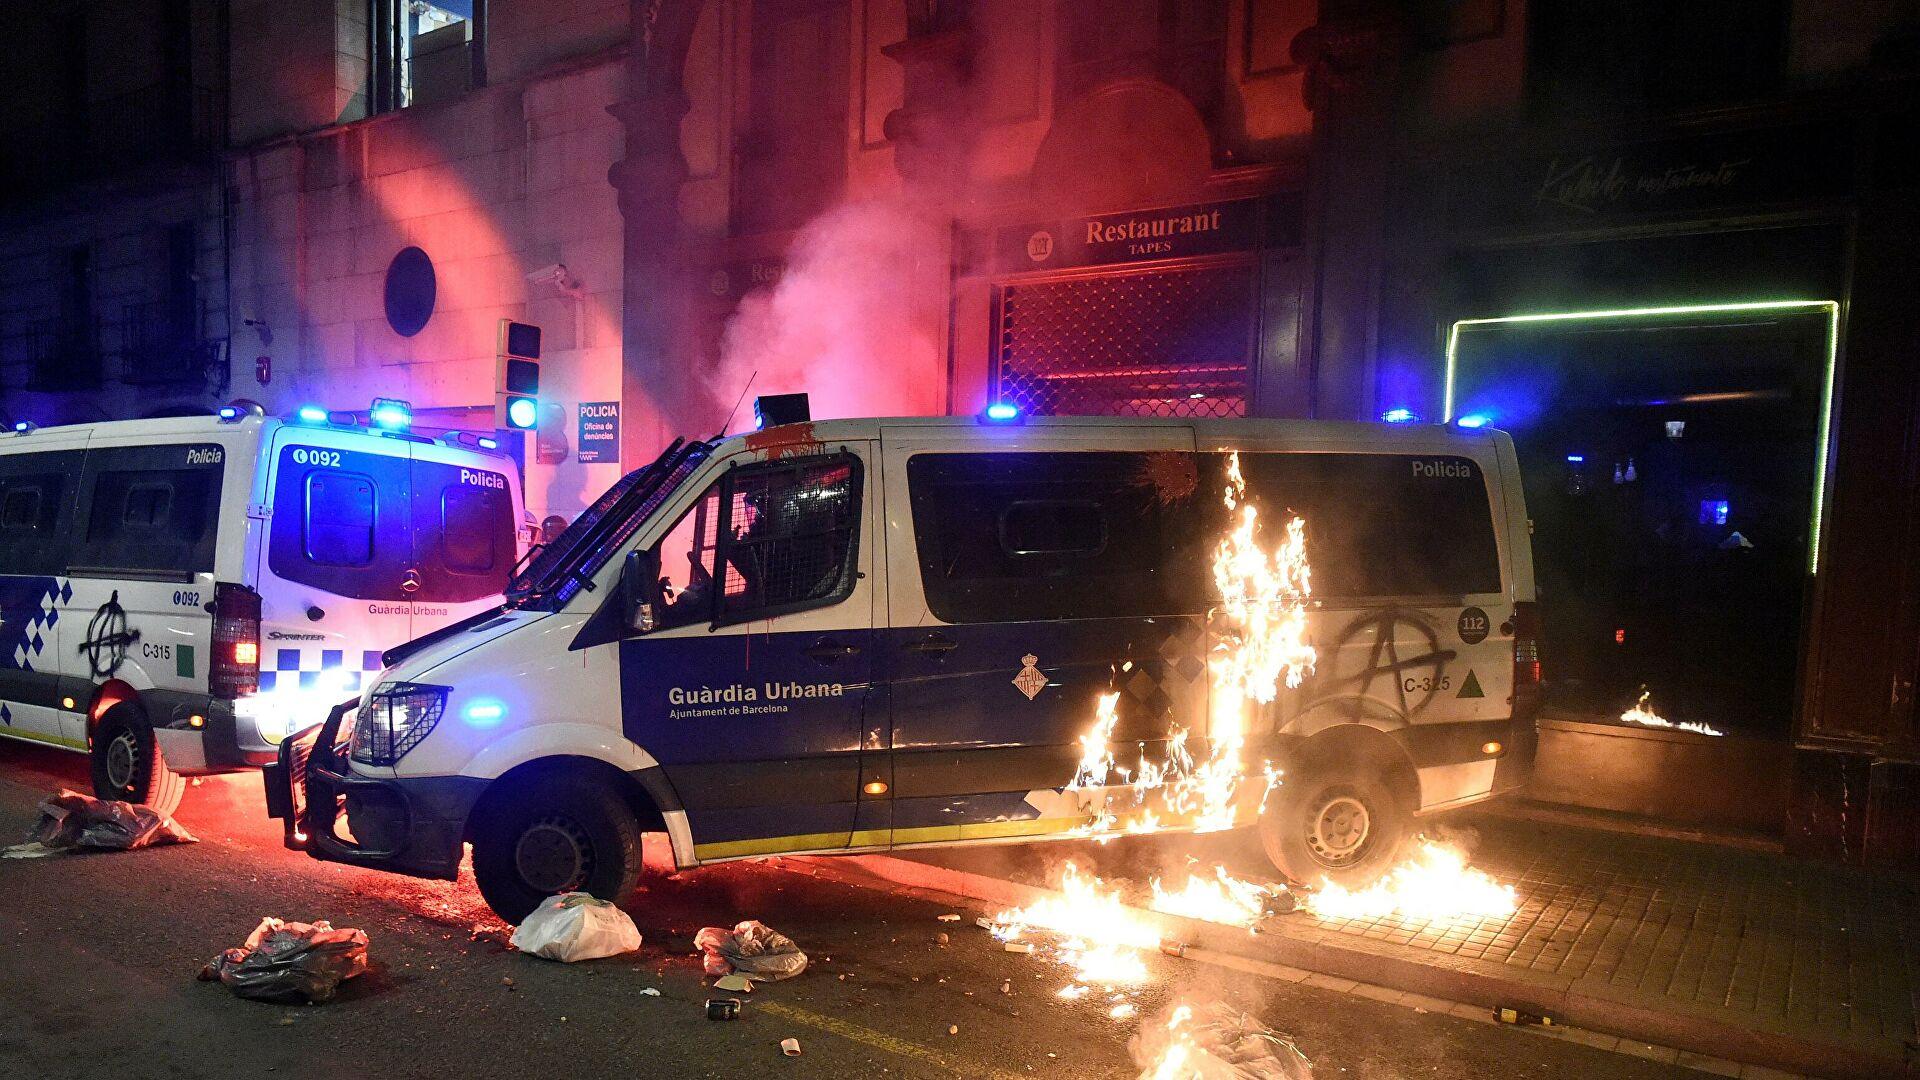 В Барселоне акция протеста переросла в беспорядки - РИА Новости, 27.02.2021